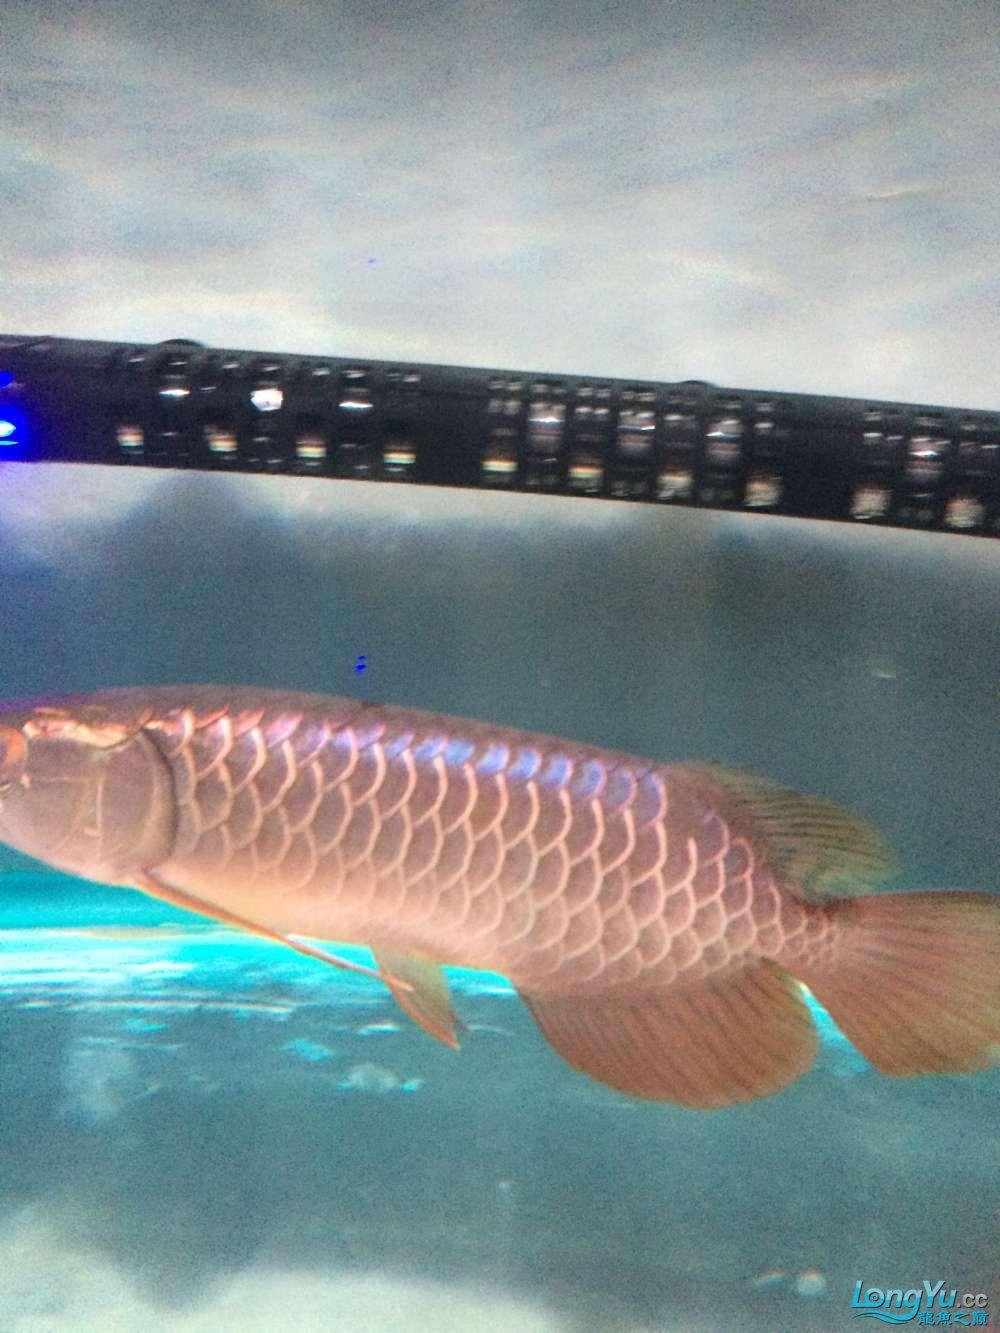 这是什么品质的金龙鱼???? 绵阳水族批发市场 绵阳水族批发市场第1张